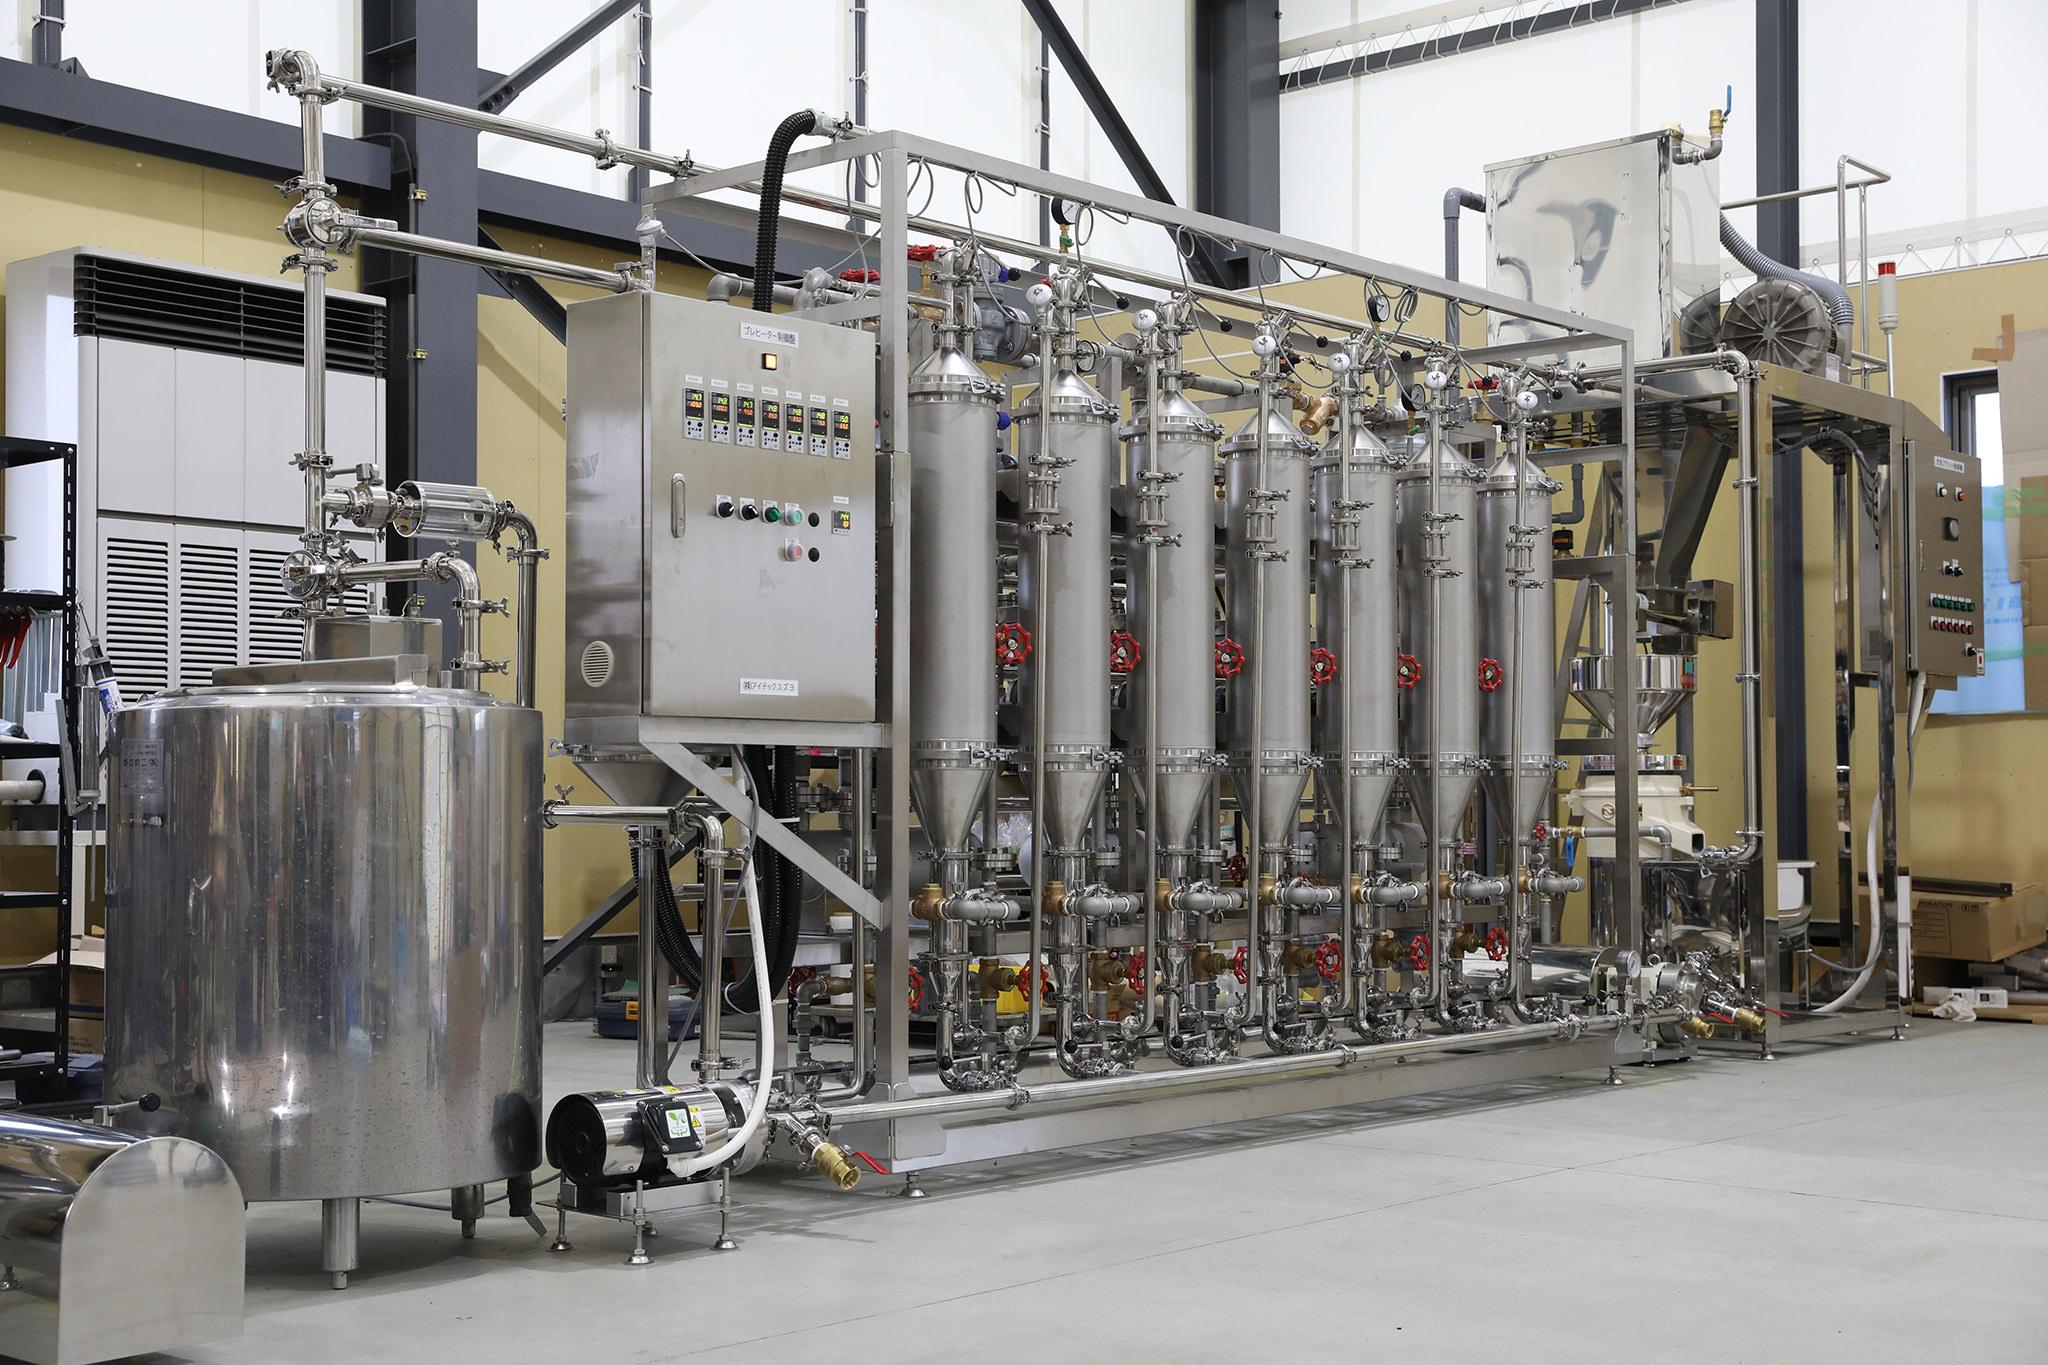 連続式煮沸装置(プレヒーター イメージ